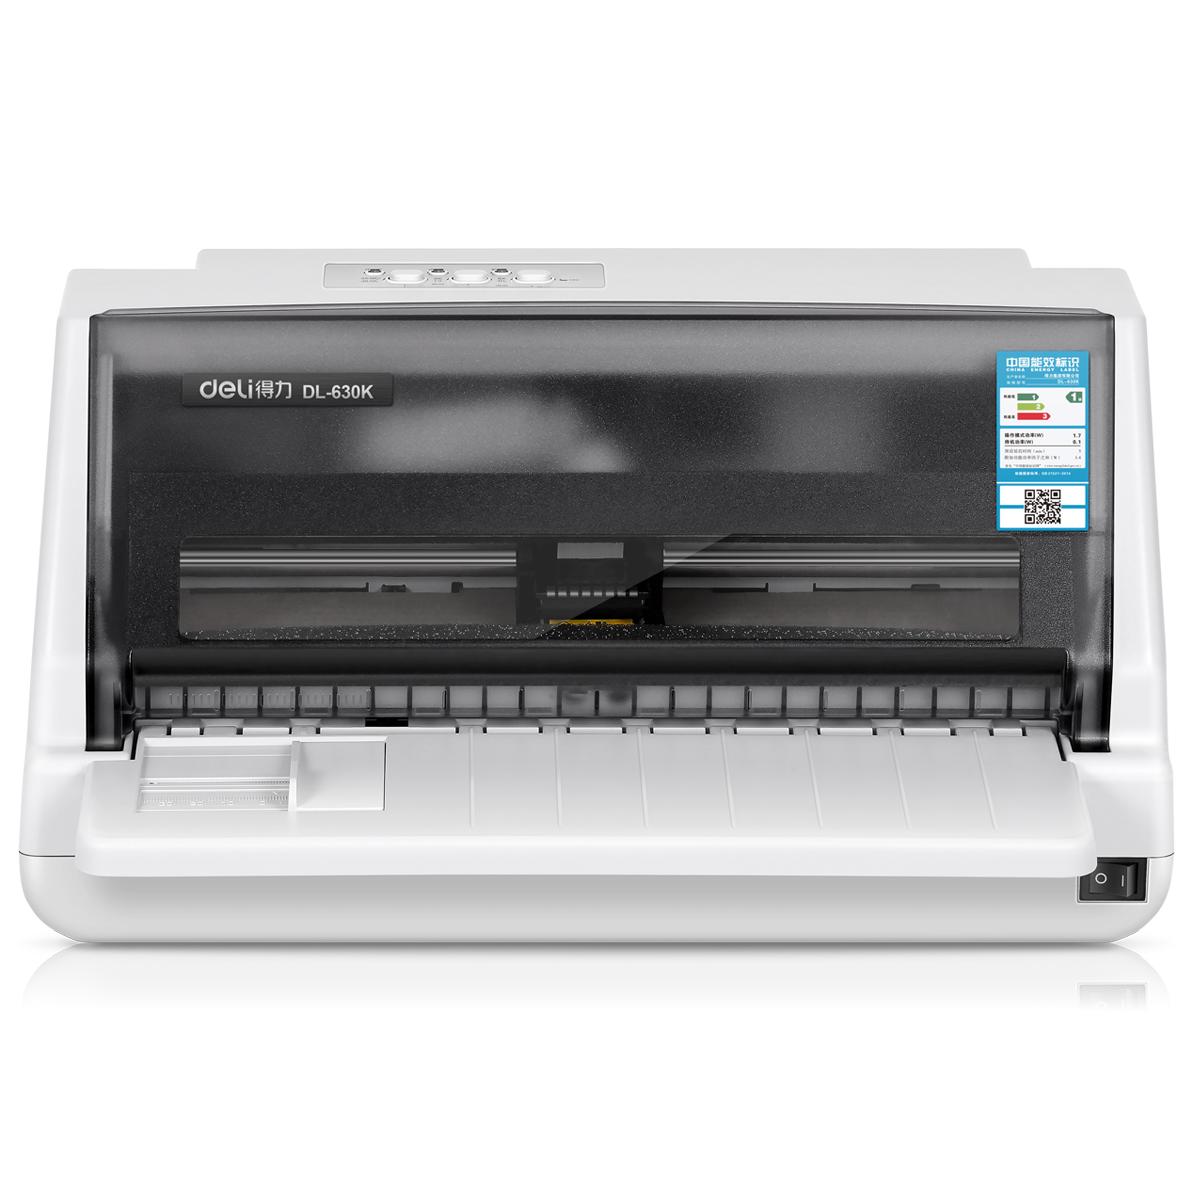 得力DL-630K针式打印机 淘宝快递单财务发票单据打印机 票据连打